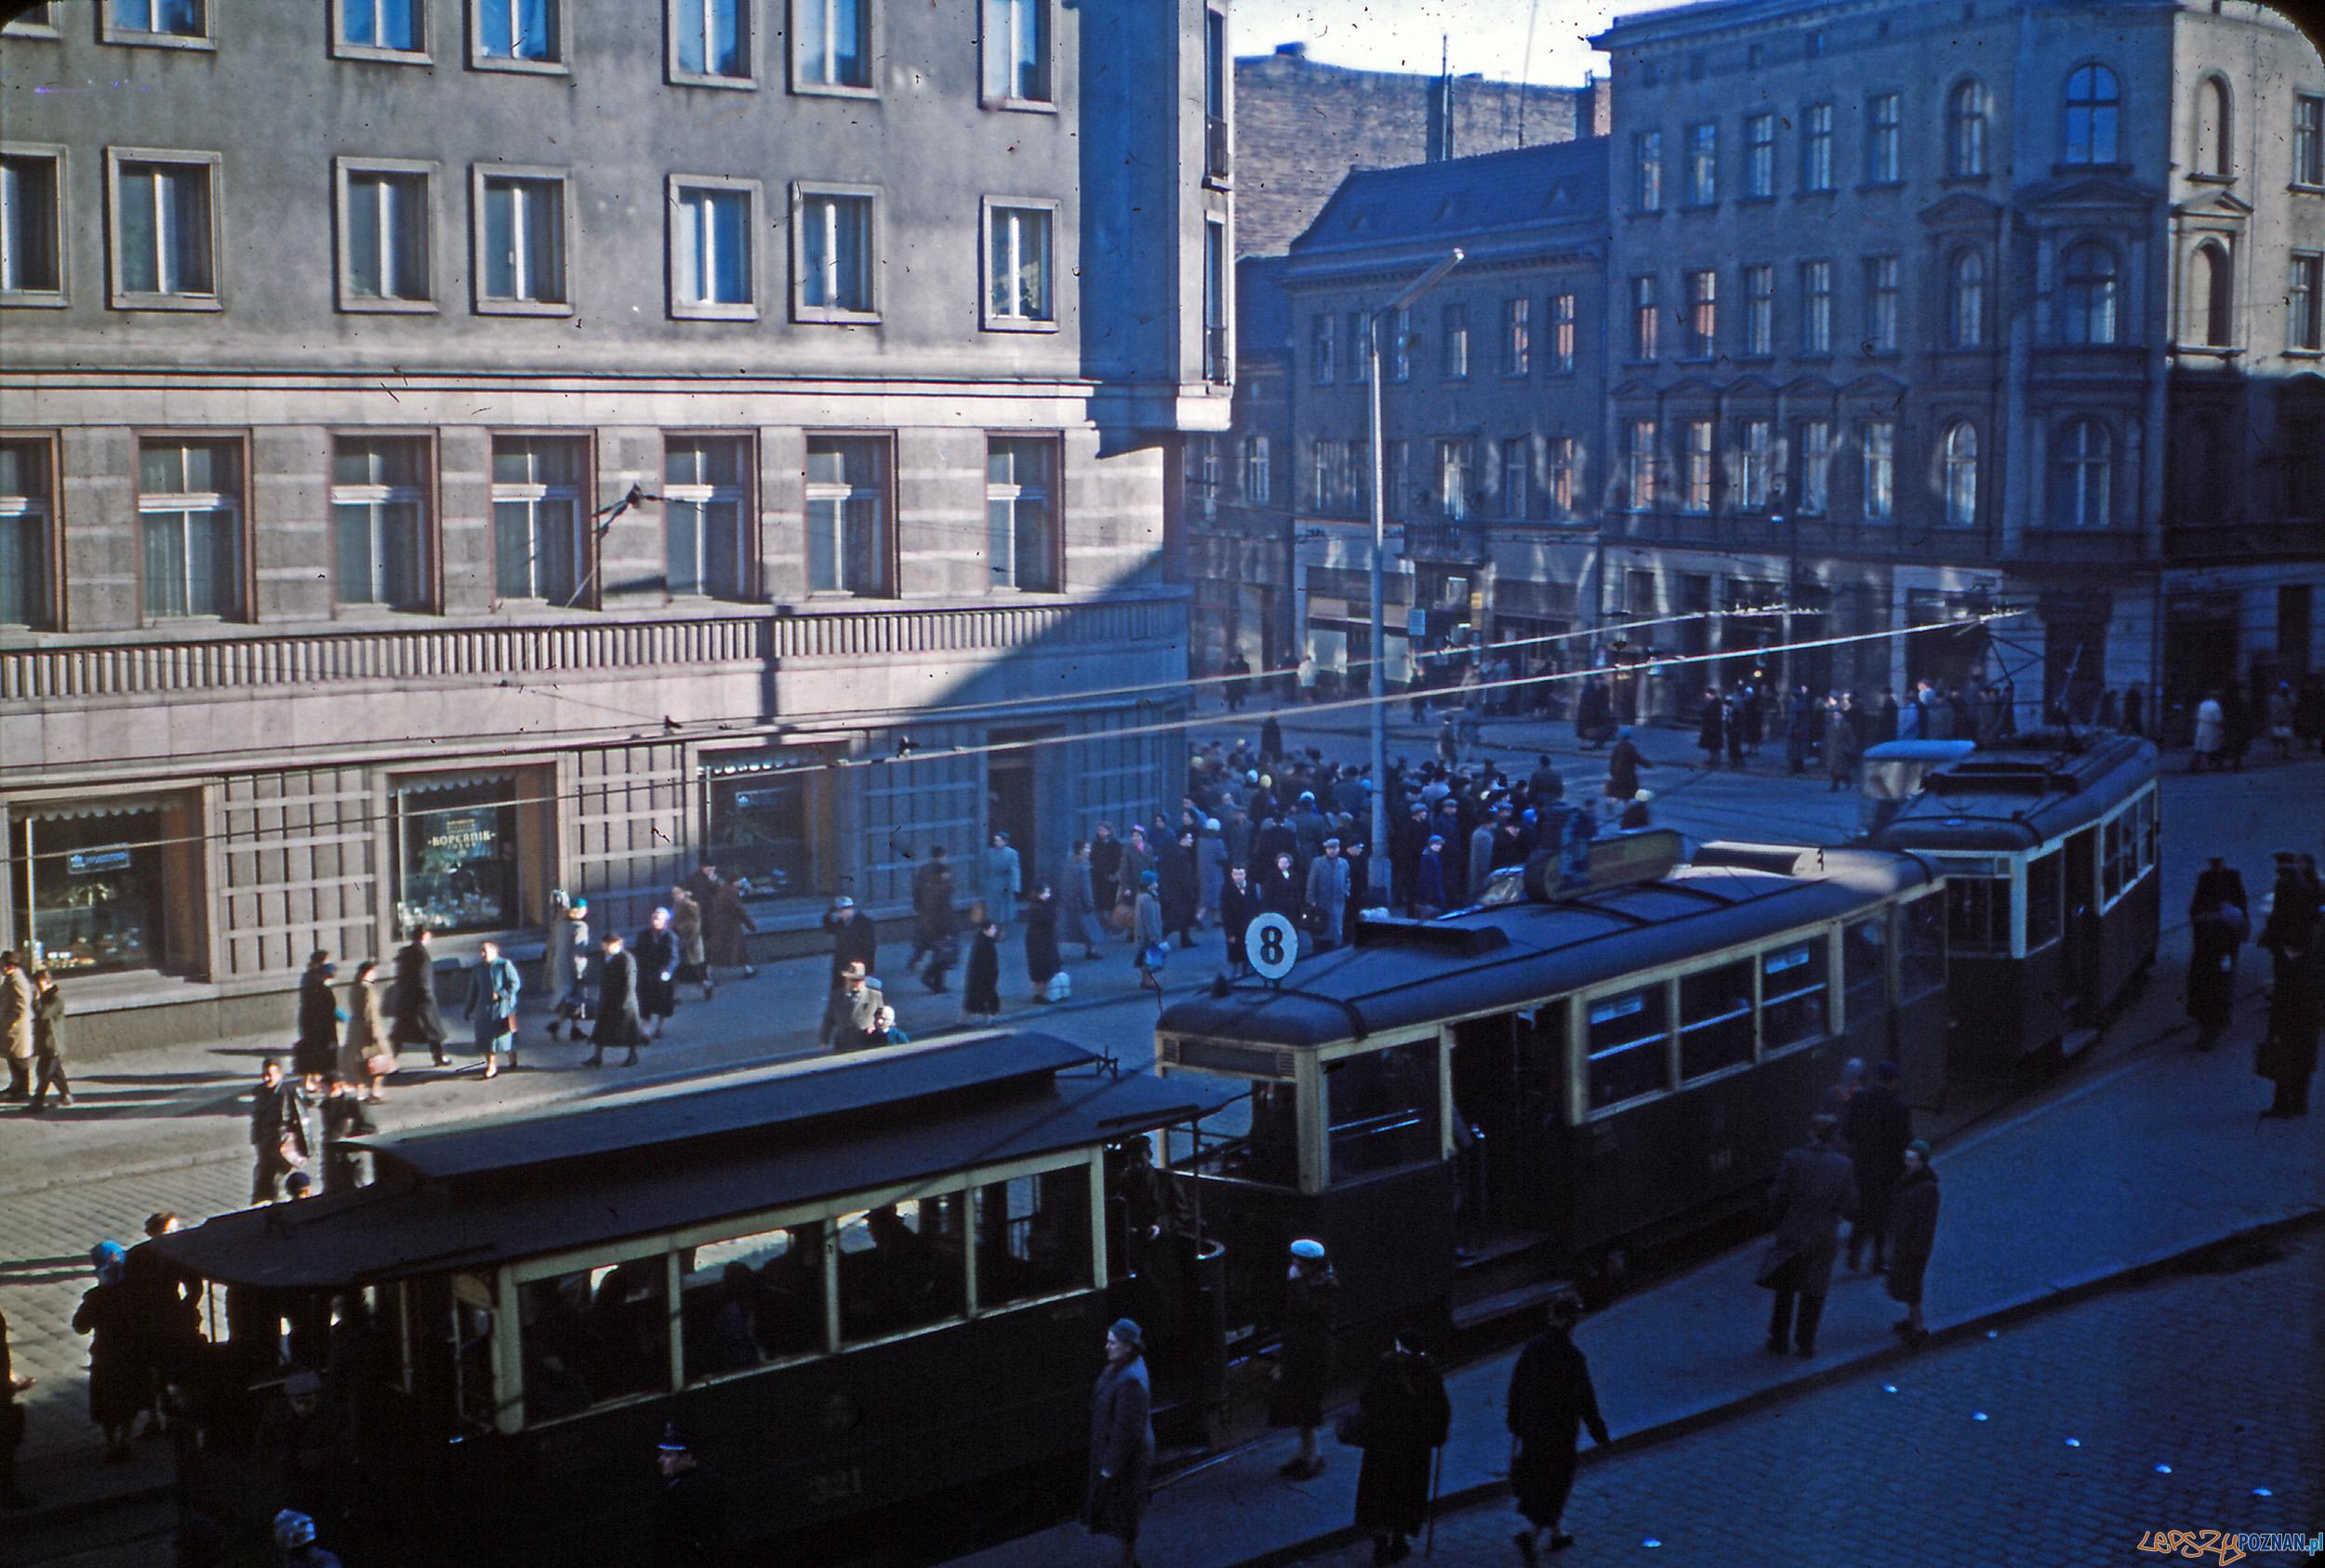 Aleje Marcinkowskiego - Podgórna - koniec lat 50-tych  Foto: Mogens Tørsleff, kolekcja Gorma Rudschinata / Flickr / CC